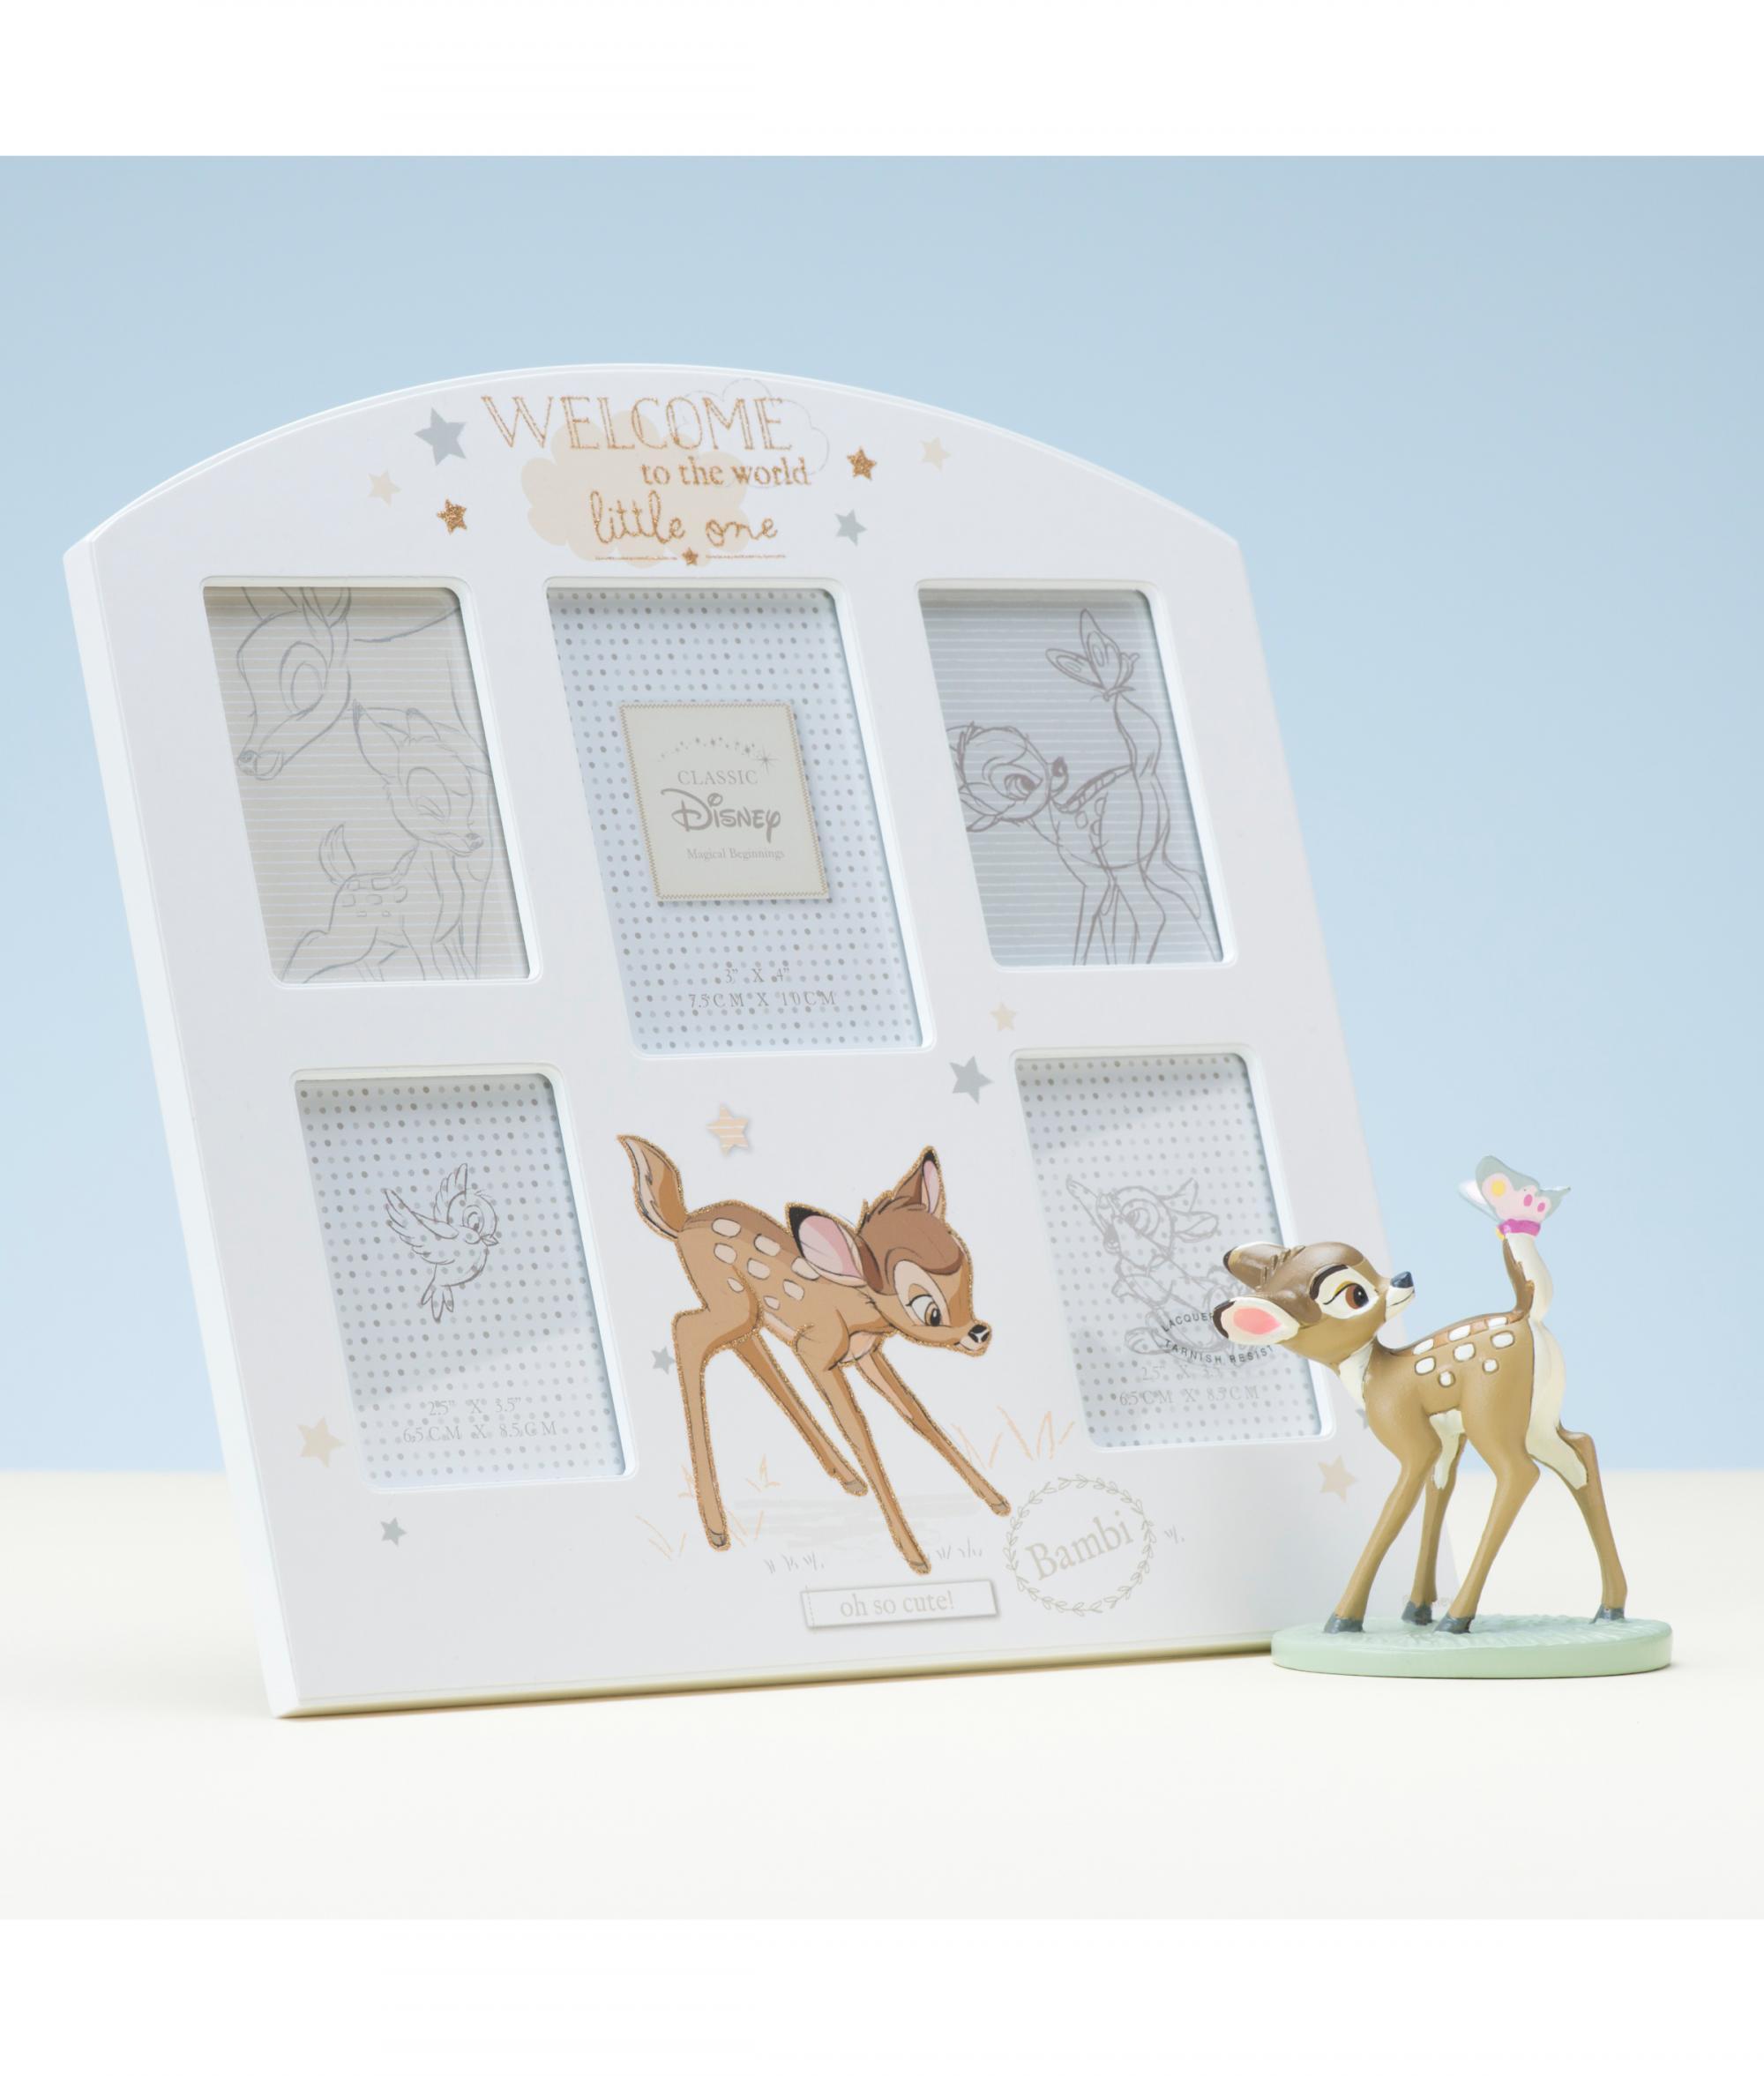 Disney Baby Gifts Uk : Disney magical beginnings bambi collage frame